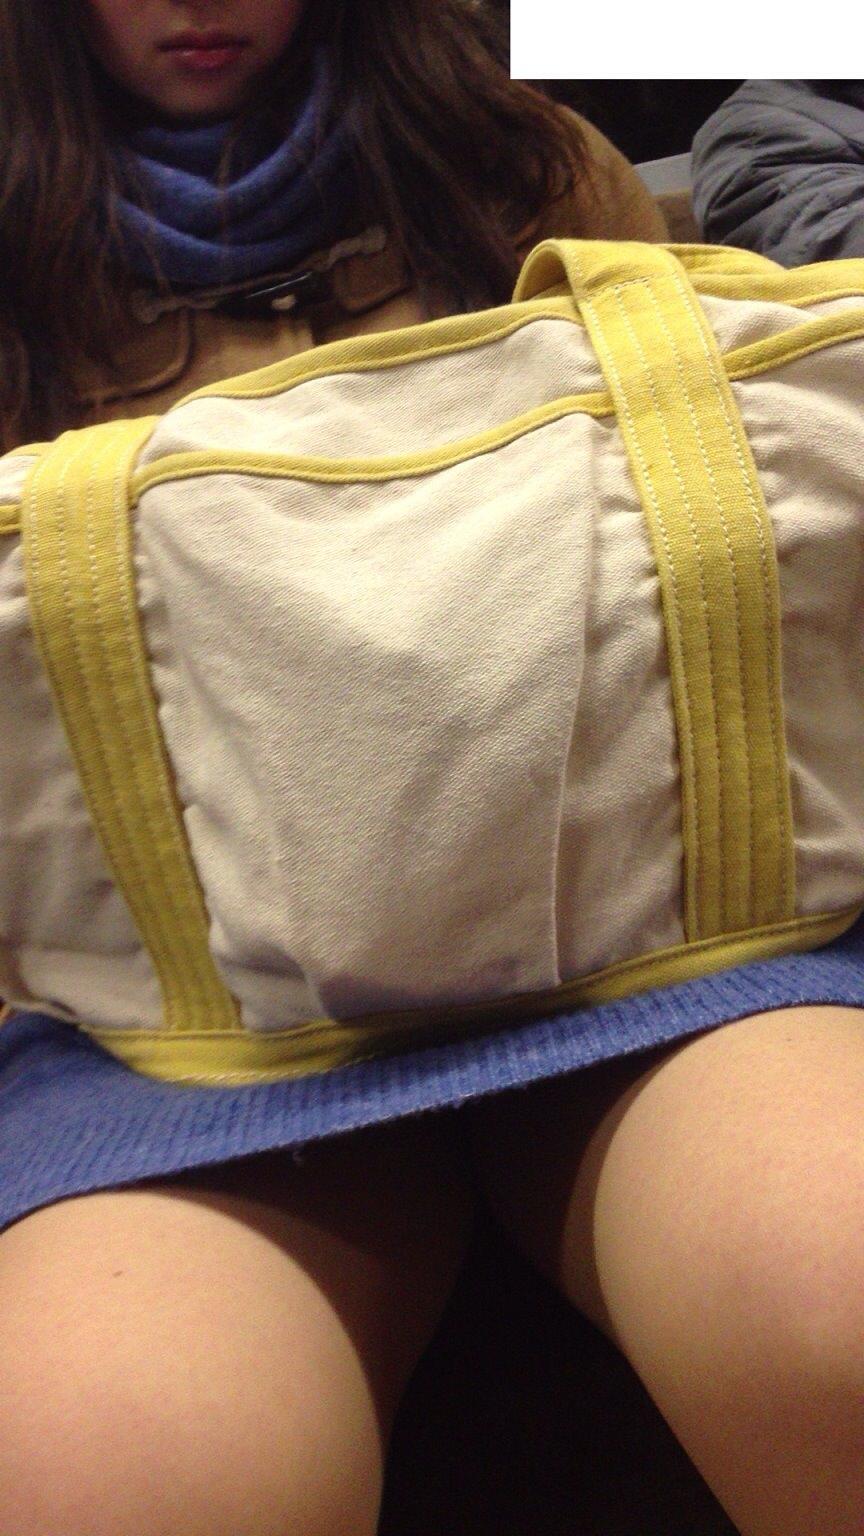 電車のイスに座るお姉さんの生足ゲットwwwプリプリの太ももがエロいwww 2158